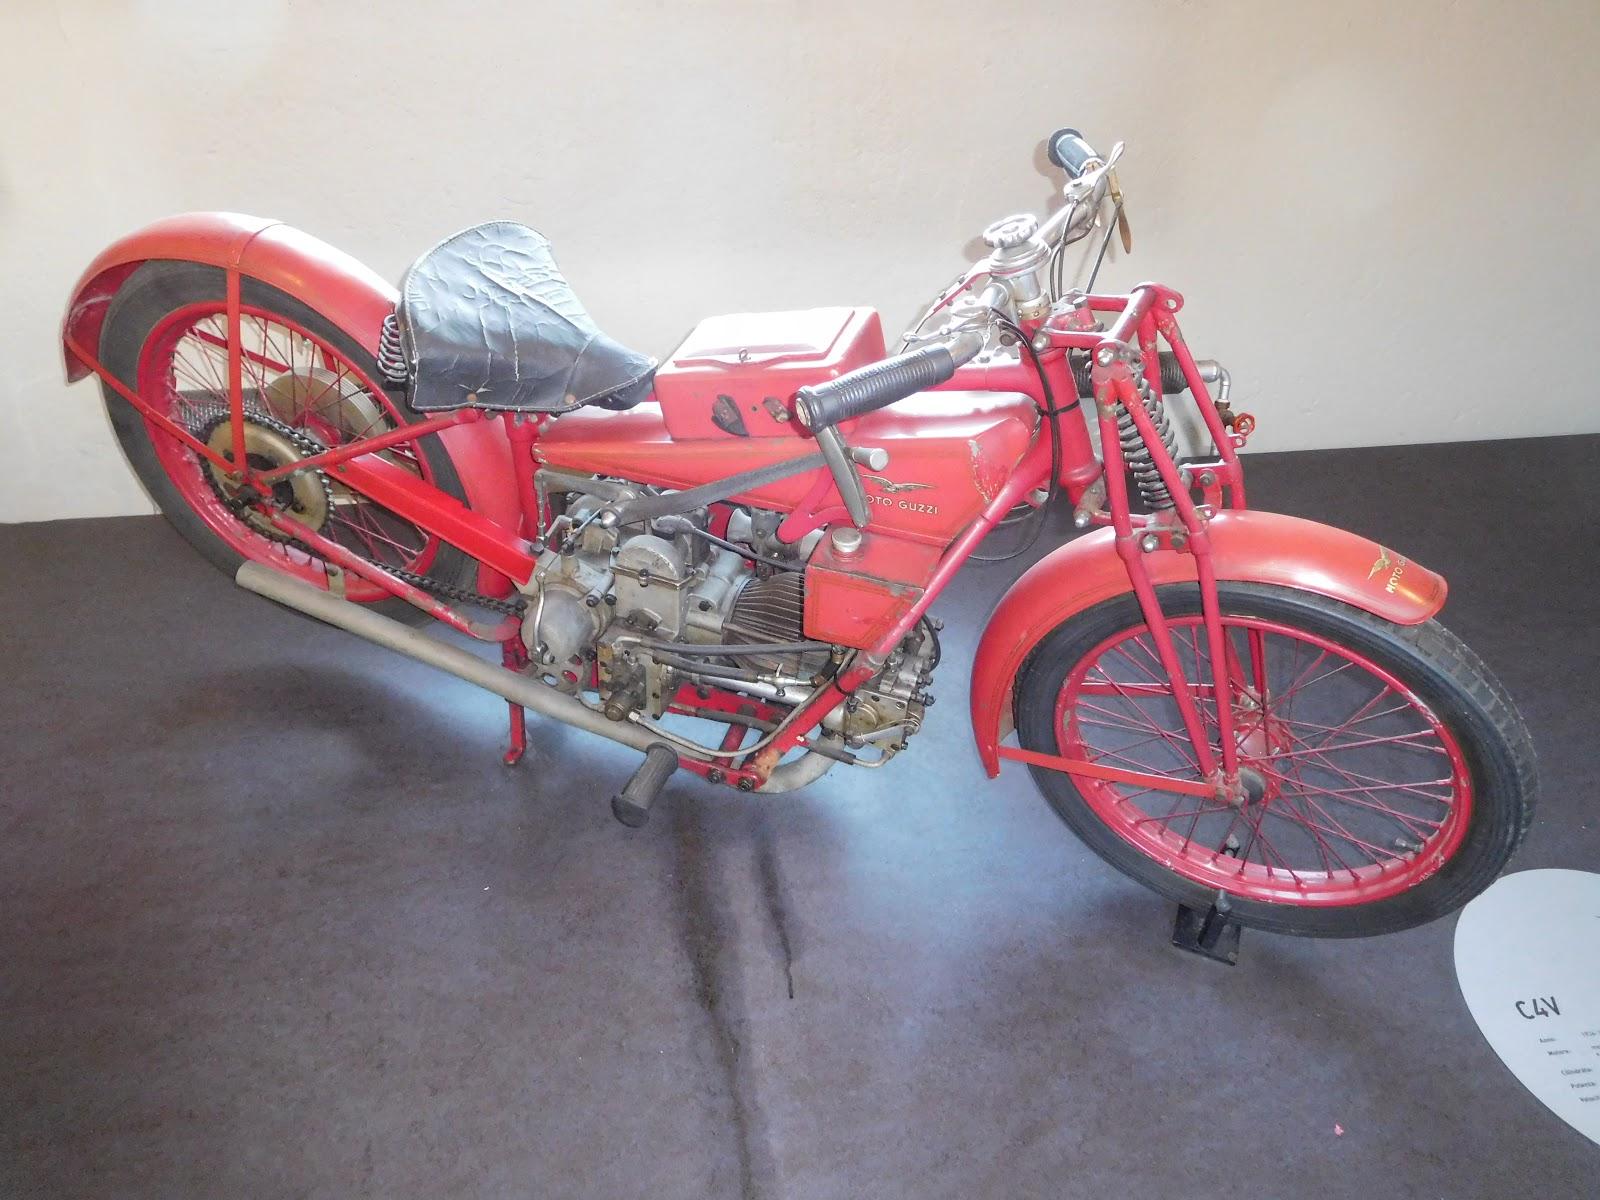 NYDucati: 1924-33 Moto Guzzi CV4